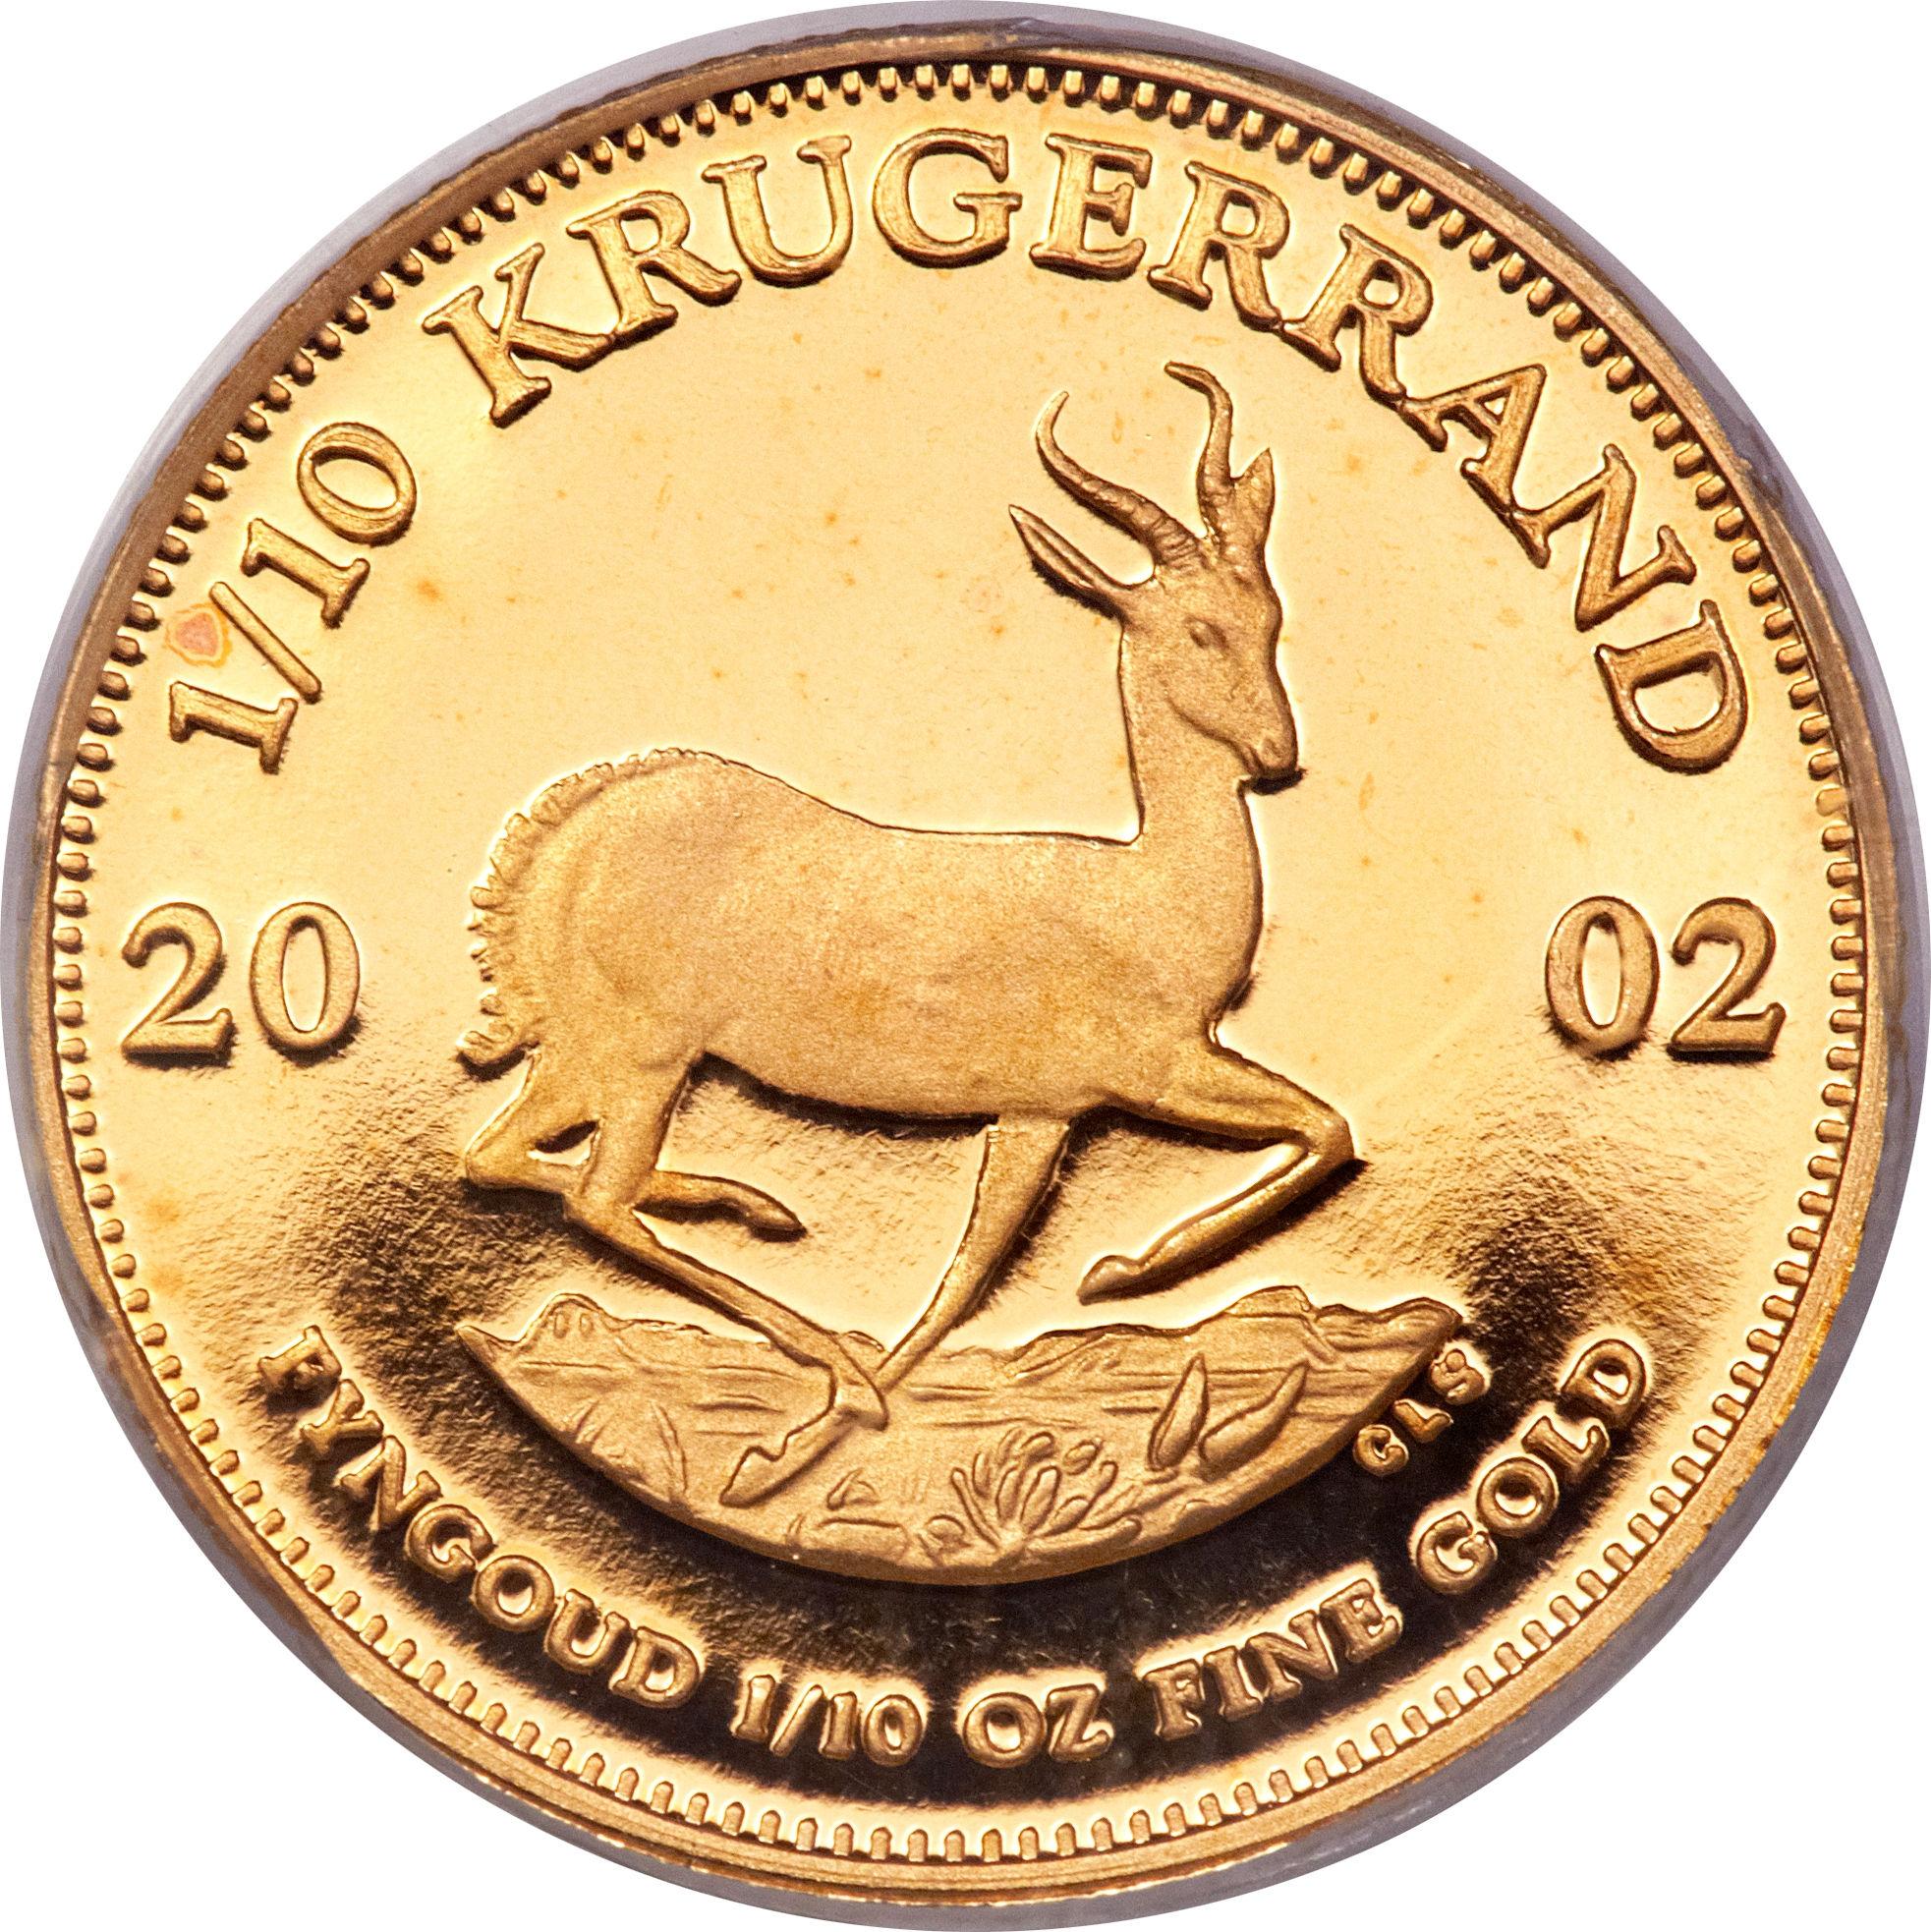 1 10 Ounce Krugerrand